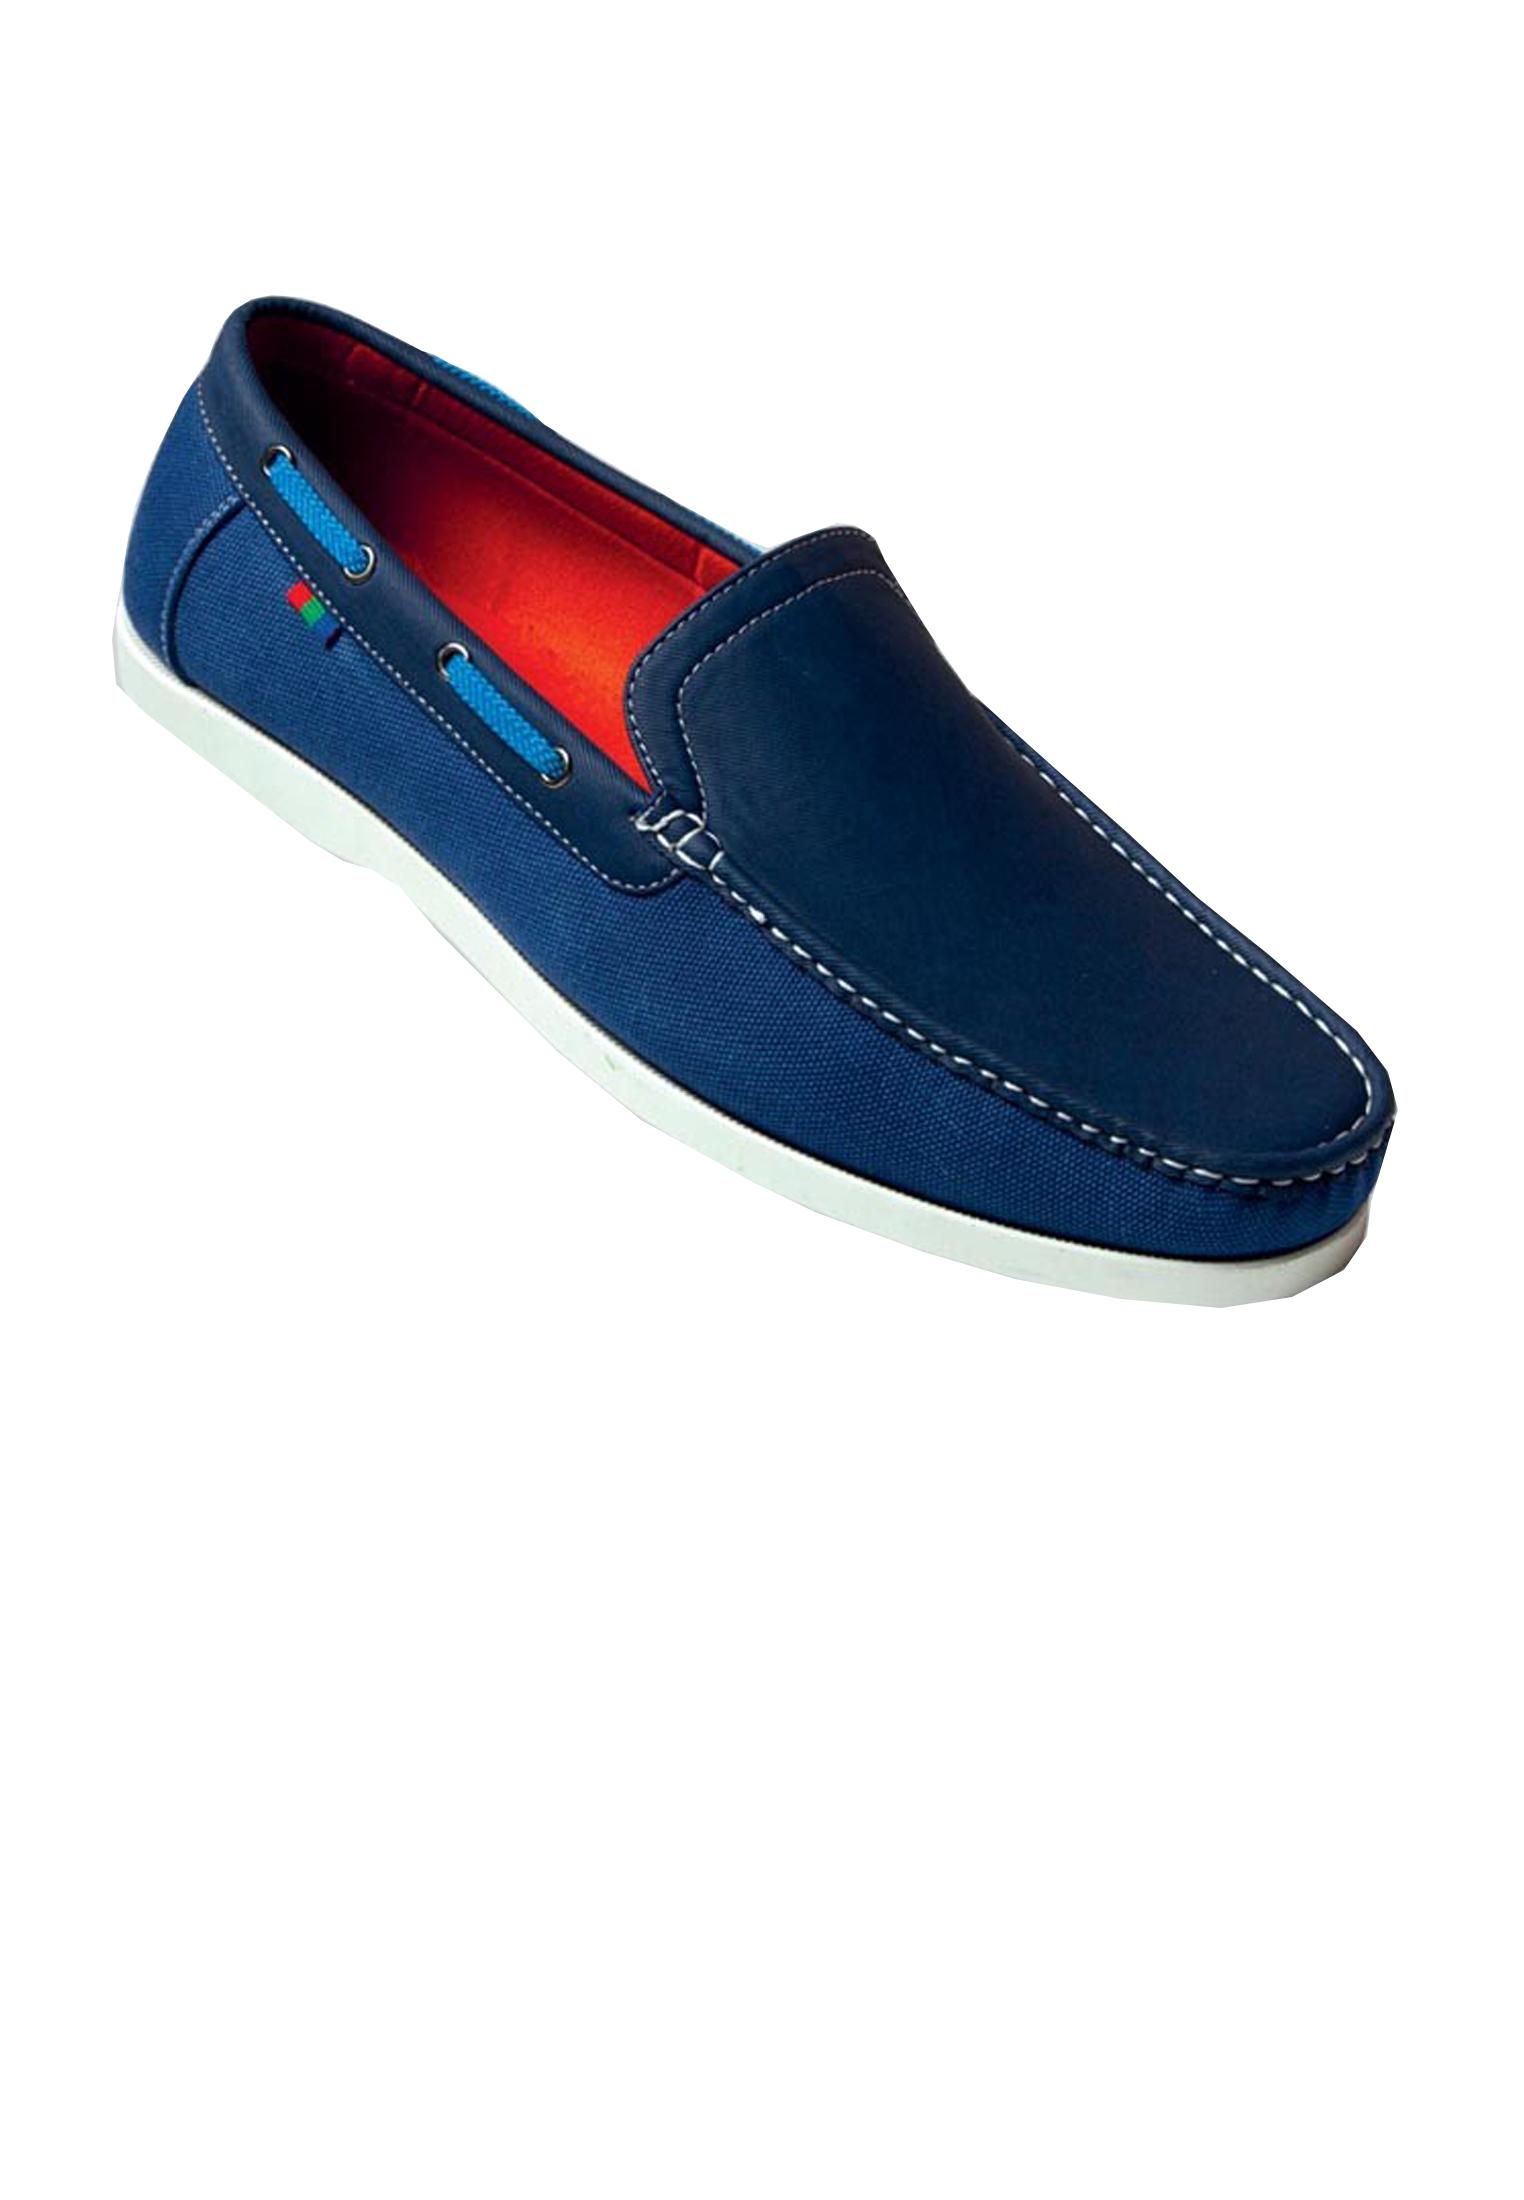 Boot schoenen van D555 uitgevoerd in textiel en suède, witte stiksels en een witte veter langs de rand en een zool van PVC.